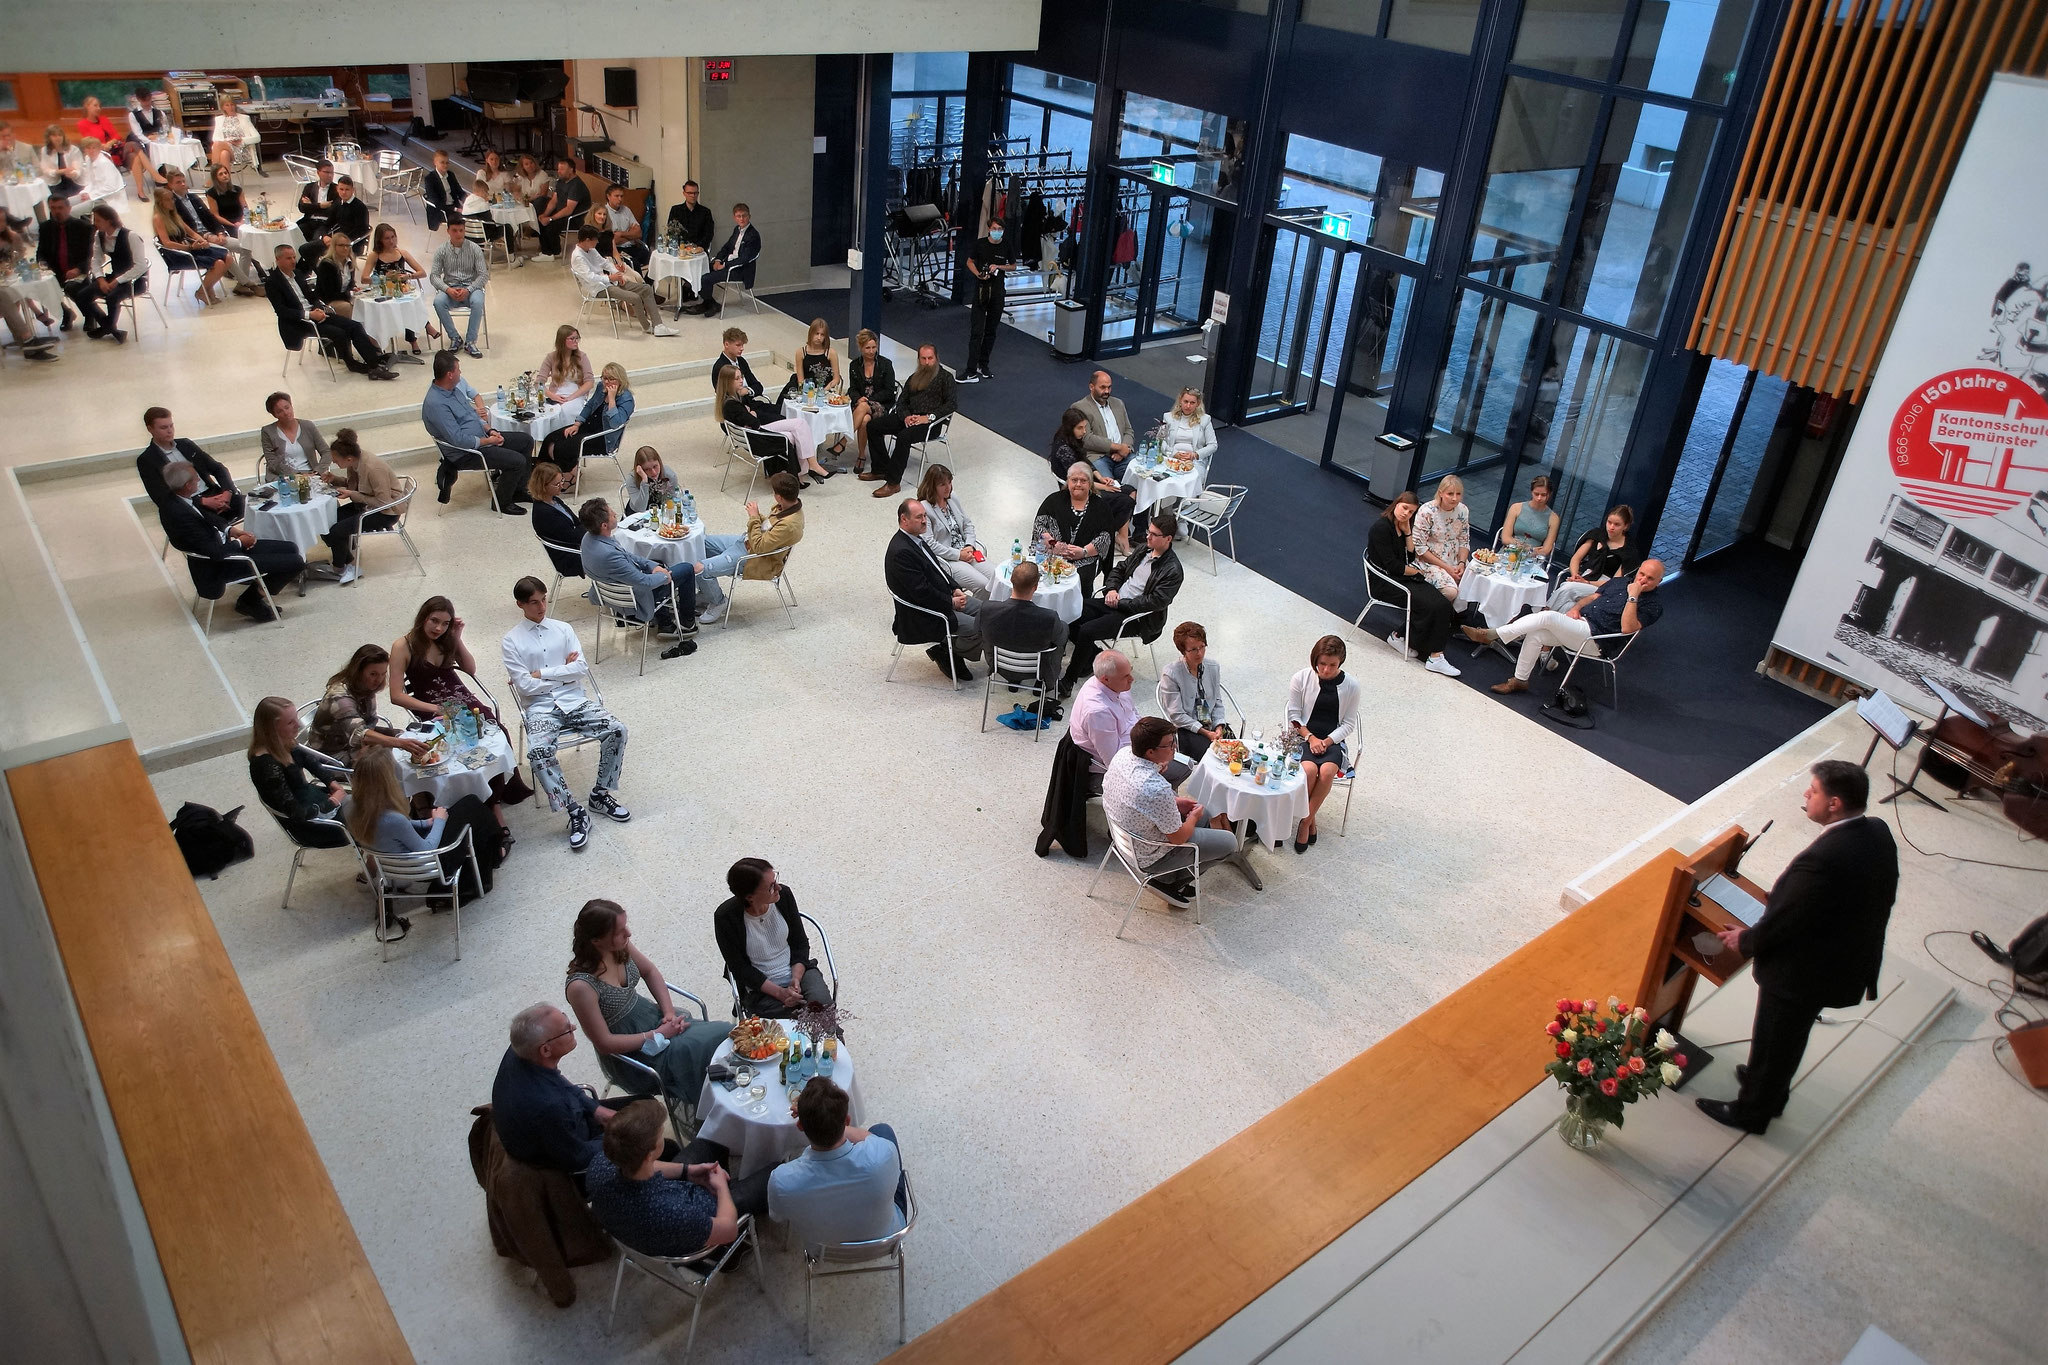 Beschränkte Anzahl Personen, sitzend und mit Abstand: Coronakonforme Maturafeier der Klasse 6b an der Kantonsschule Beromünster. Bild: zVg.